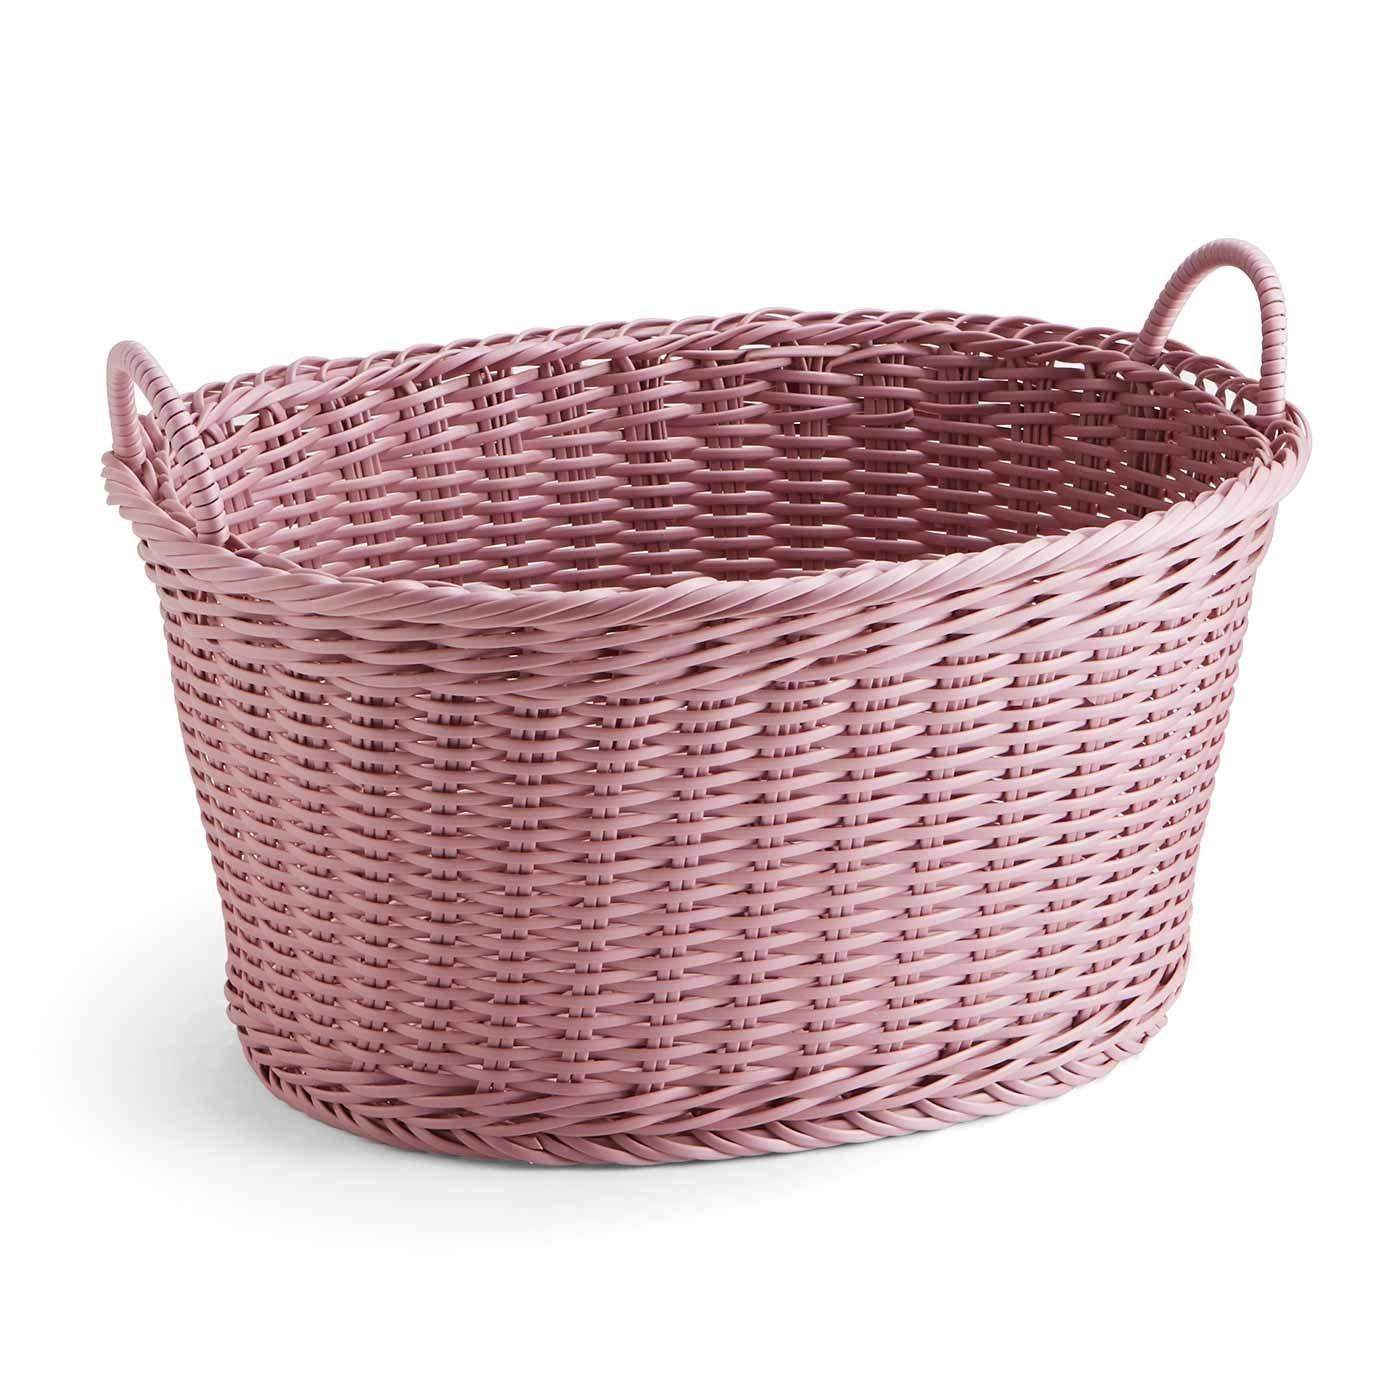 タフに使える手編みバスケット〈ピンク〉の会